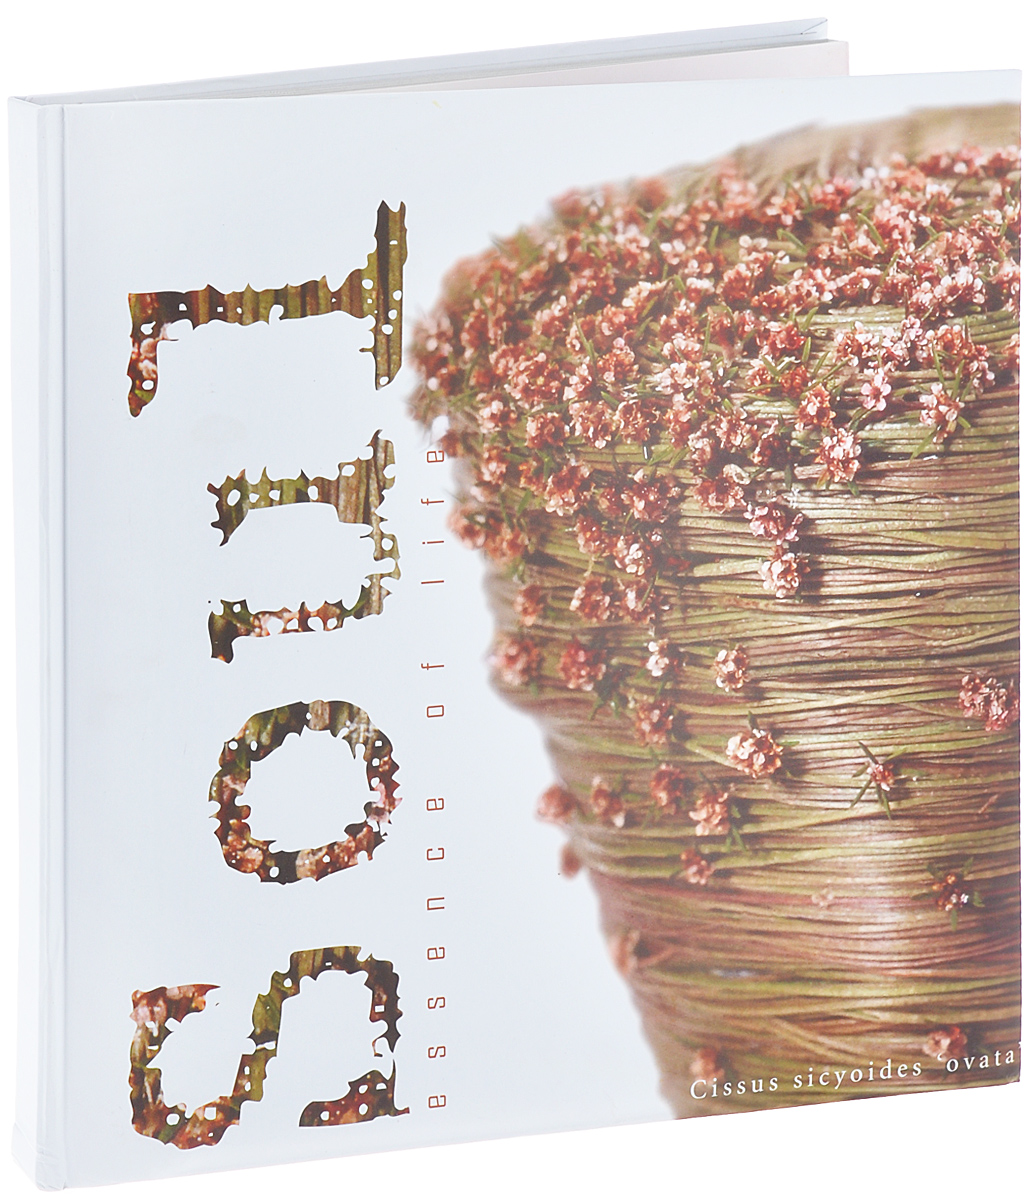 Фотоальбом Pioneer Soul, 10 магнитных листов, 29 см х 32 см12723Фотоальбом Pioneer Soul, изготовленный из картона с клеевым покрытием и пленки ПВХ, сохранит моменты ваших счастливых мгновений на своих страницах! Альбом с магнитными листами удобен тем, что он позволяет размещать фотографии разных размеров. Магнитные страницы обладают следующими преимуществами: - Не нужно прикладывать усилий для закрепления фотографий, - Не нужно заботиться о размерах фотографий, так как вы можете вставить в альбом фотографии разных размеров, - Защита фотографий от постоянных прикосновений зрителей с помощью пленки ПВХ.Нам всегда так приятно вспоминать о самых счастливых моментах жизни, запечатленных на фотографиях. Поэтому фотоальбом является универсальным подарком к любому празднику. Вашим родным, близким и просто знакомым будет приятно помещать фотографии в этот альбом.Количество листов: 10 шт.Размер листа: 29 см х 32 см.